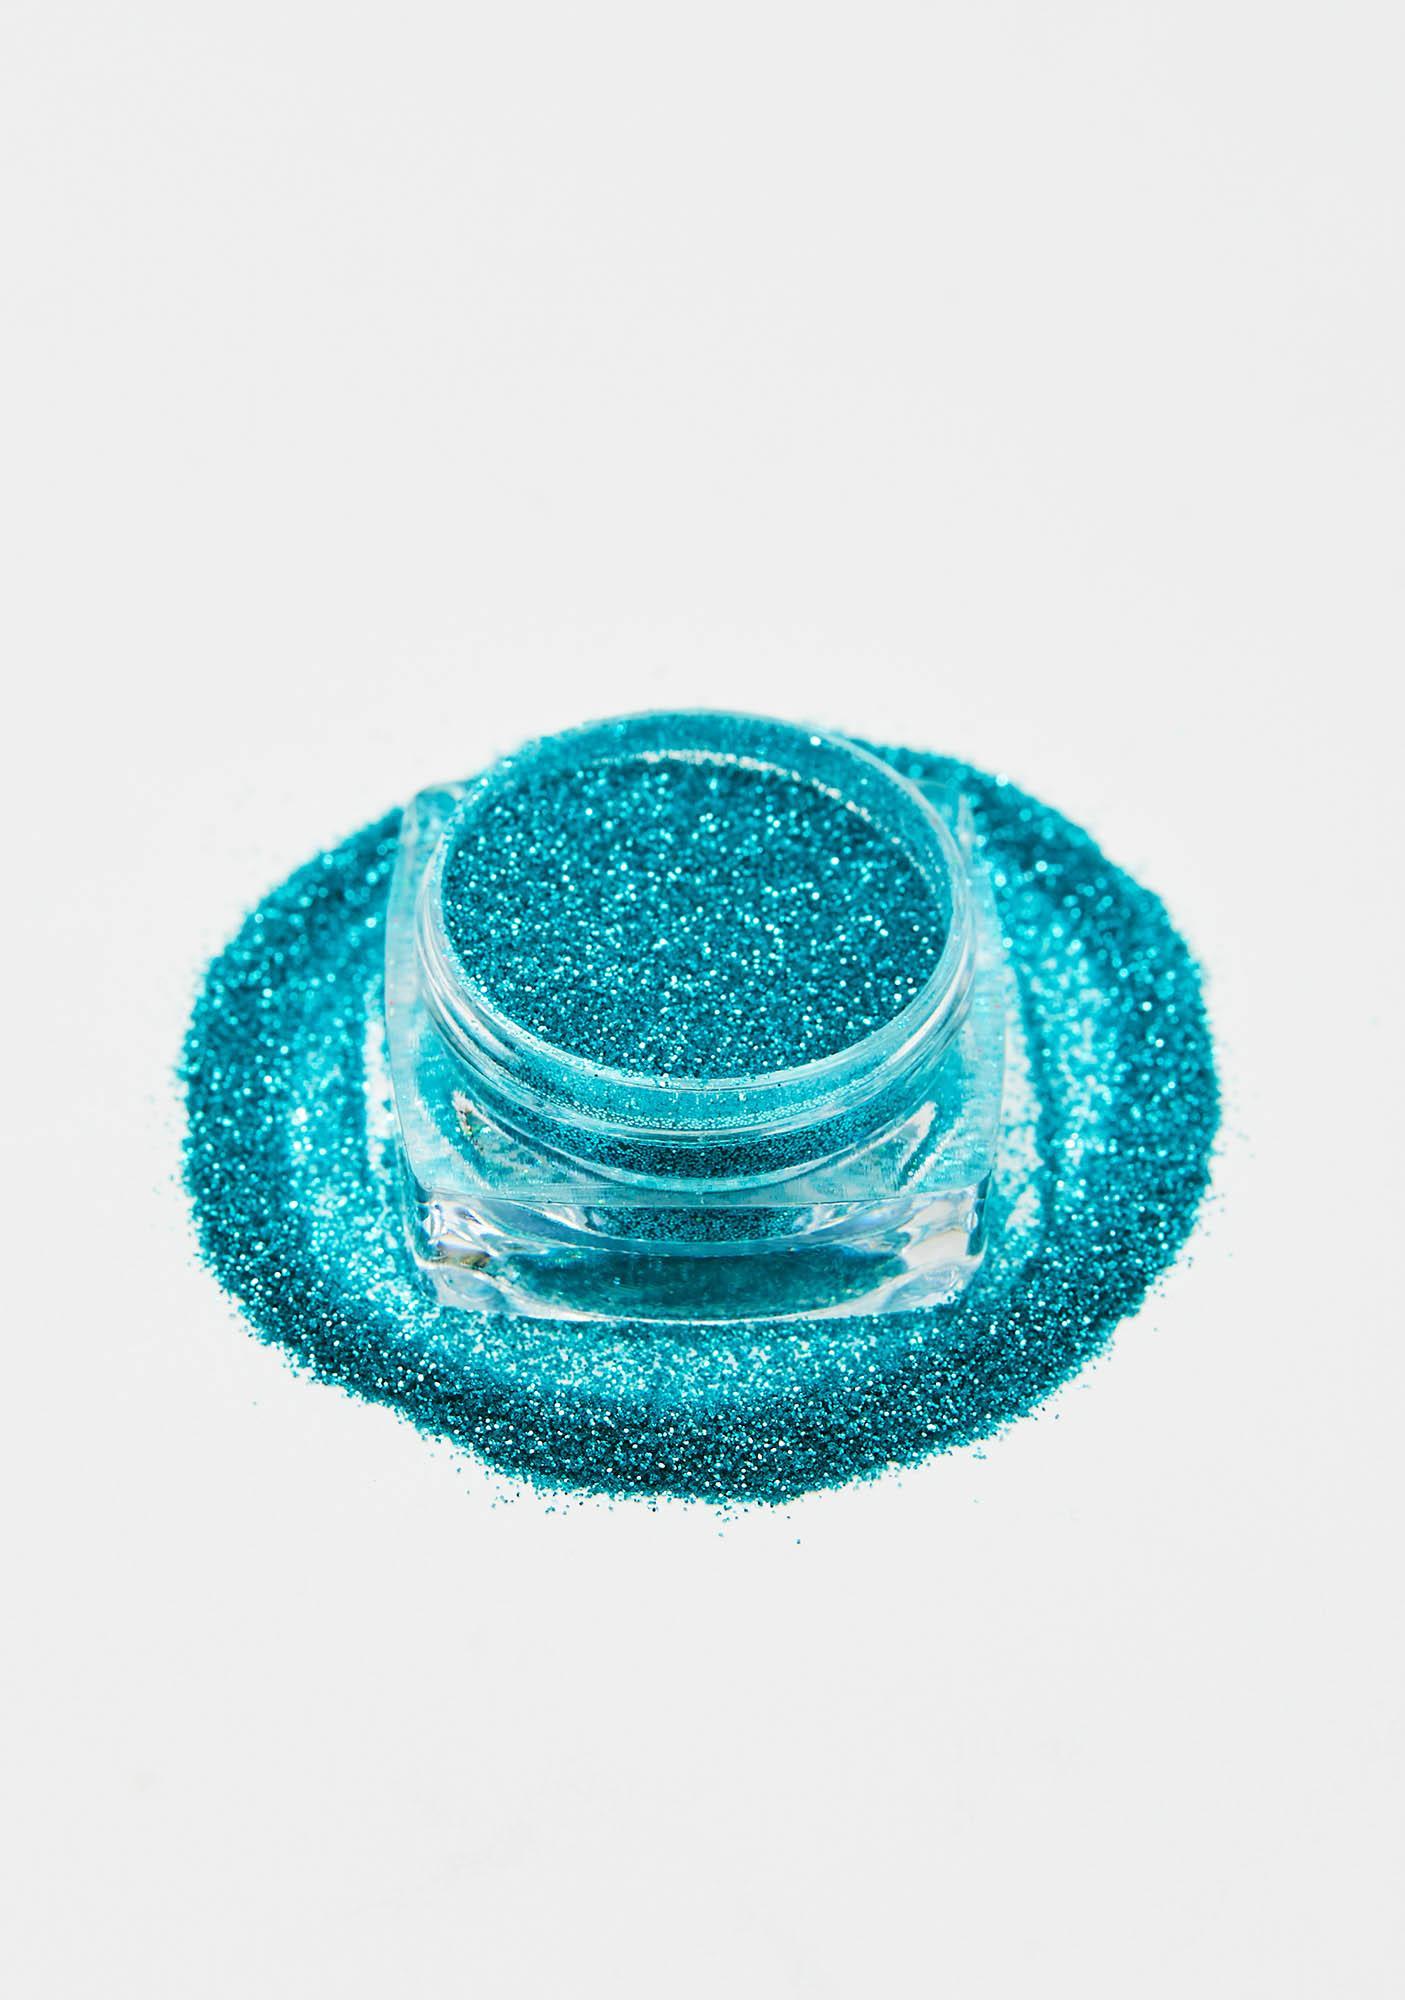 Glisten Cosmetics Biodegradable Microfine Deep